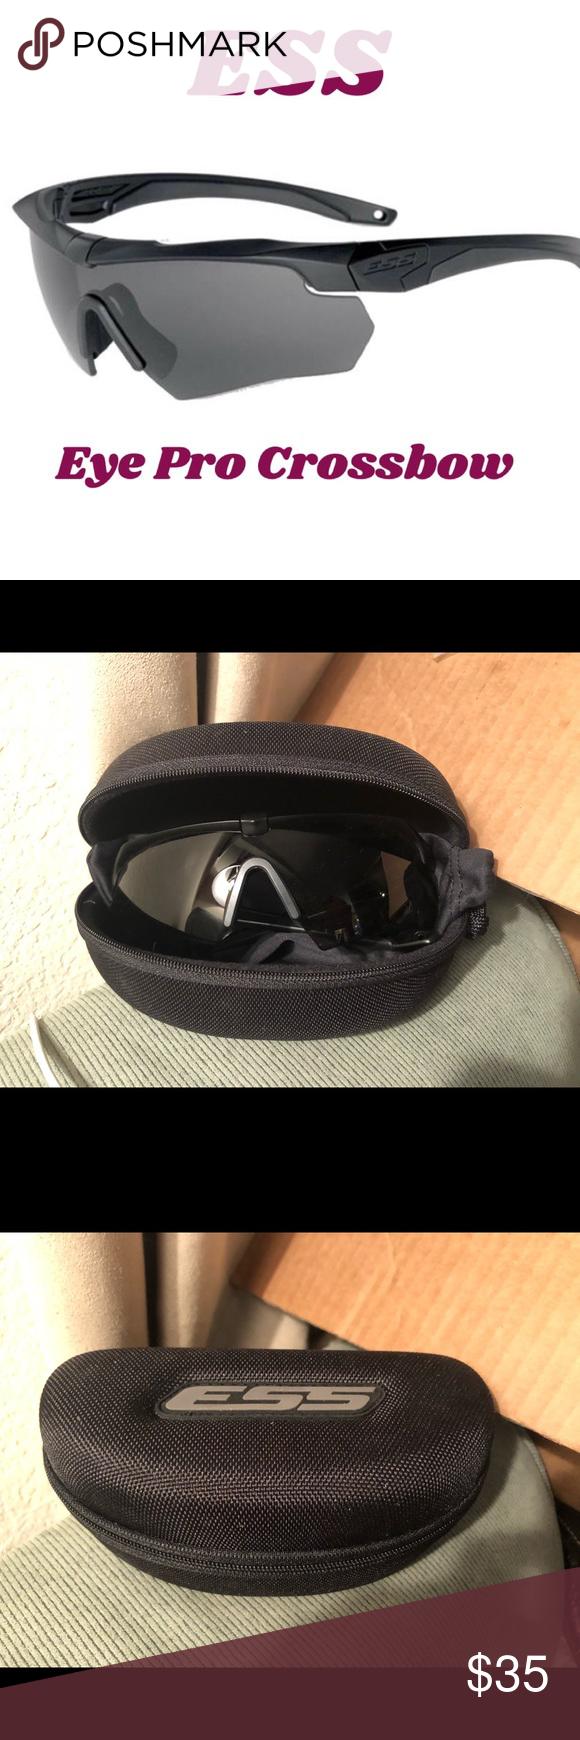 NWOT ESS Crossbow Pro Sunglasses/Safety Smoke gray Smoke